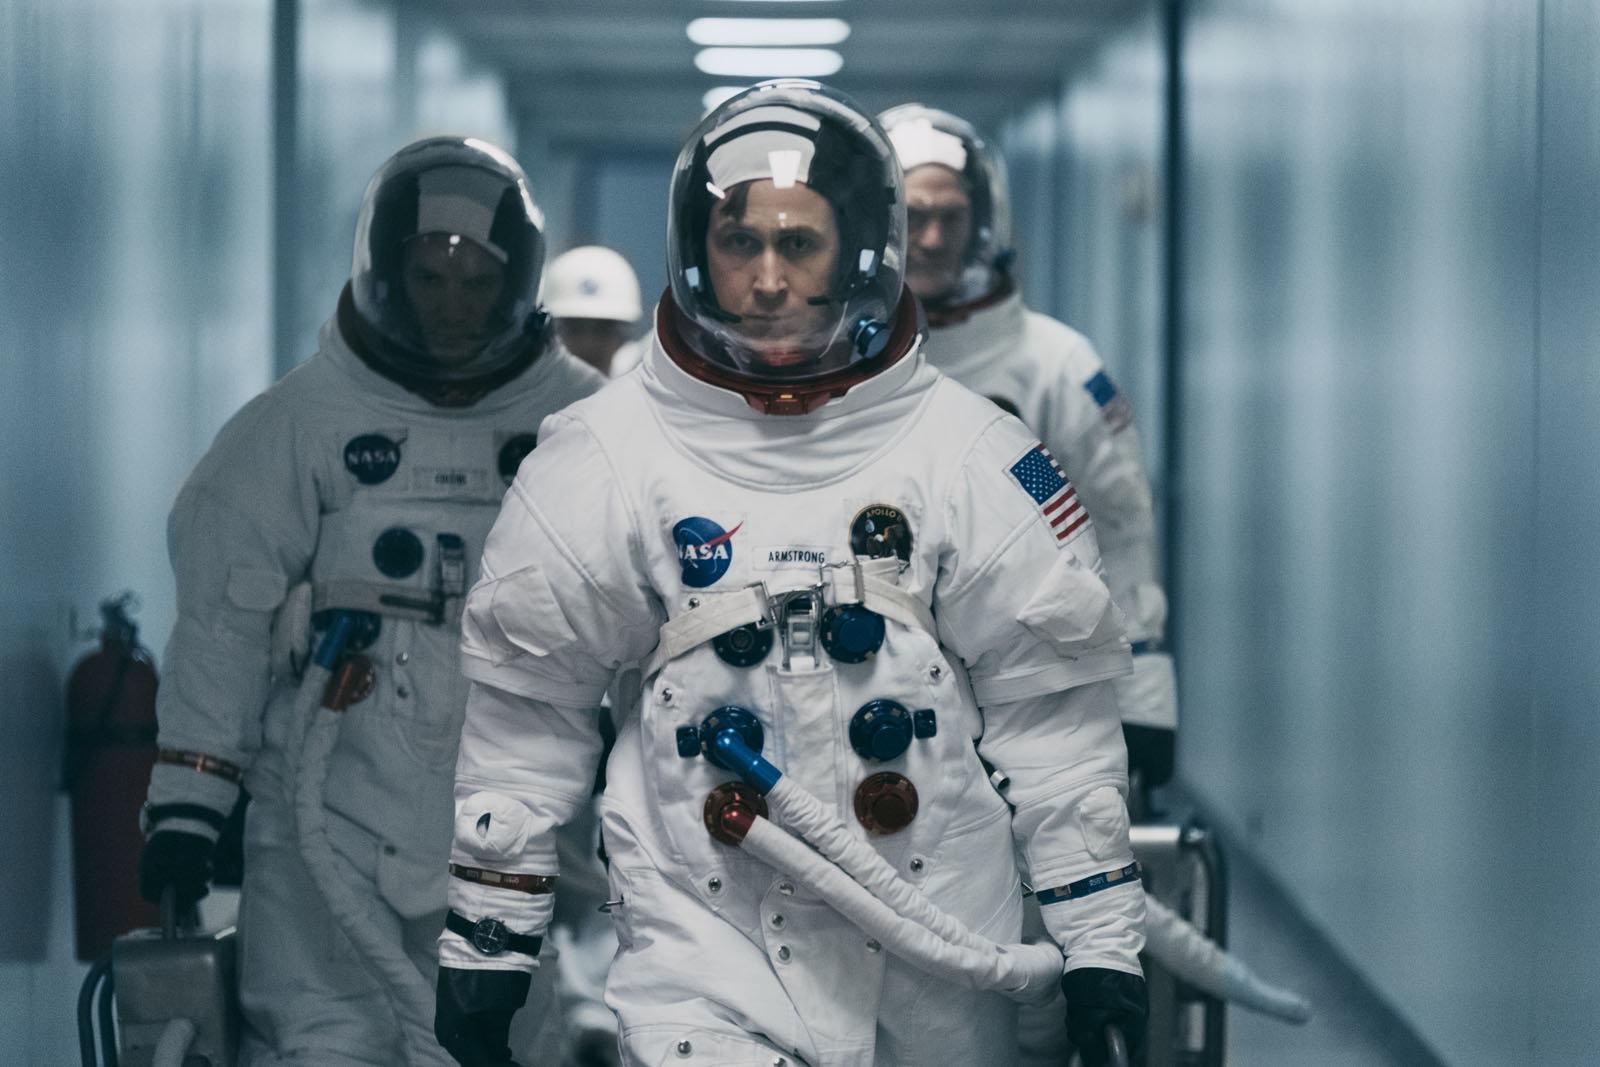 """<p>Damien Chazelle, réalisateur de """"La La Land"""", dirige à nouveau Ryan Gosling dans le rôle de l'astronaute Neil Armstrong qui, meurtri par la mort de sa fille, se jette corps et âme dans sa mission spatiale. Si la mise en scène est spectaculaire, rappelant les meilleures heures de Spielberg par exemple, le voyage émotionnel est lui moins palpitant.<br />Copyright : Universal Pictures </p>"""